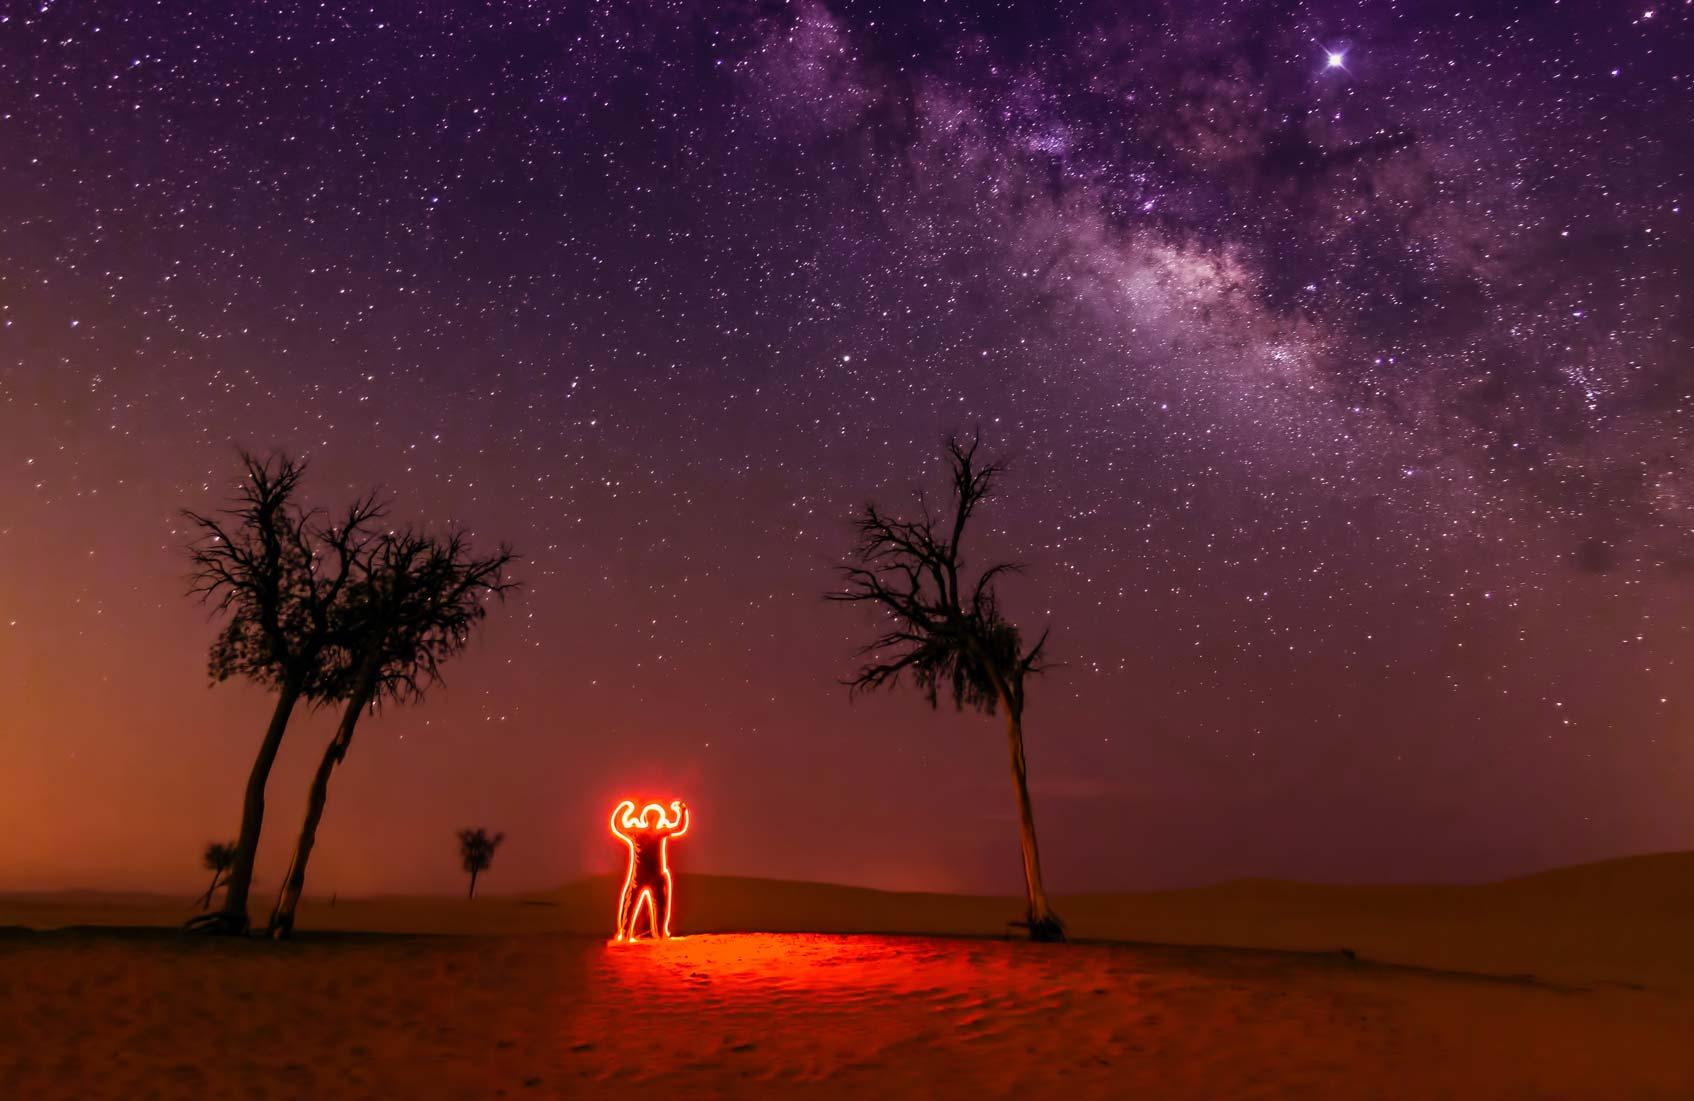 абу даби пустыня